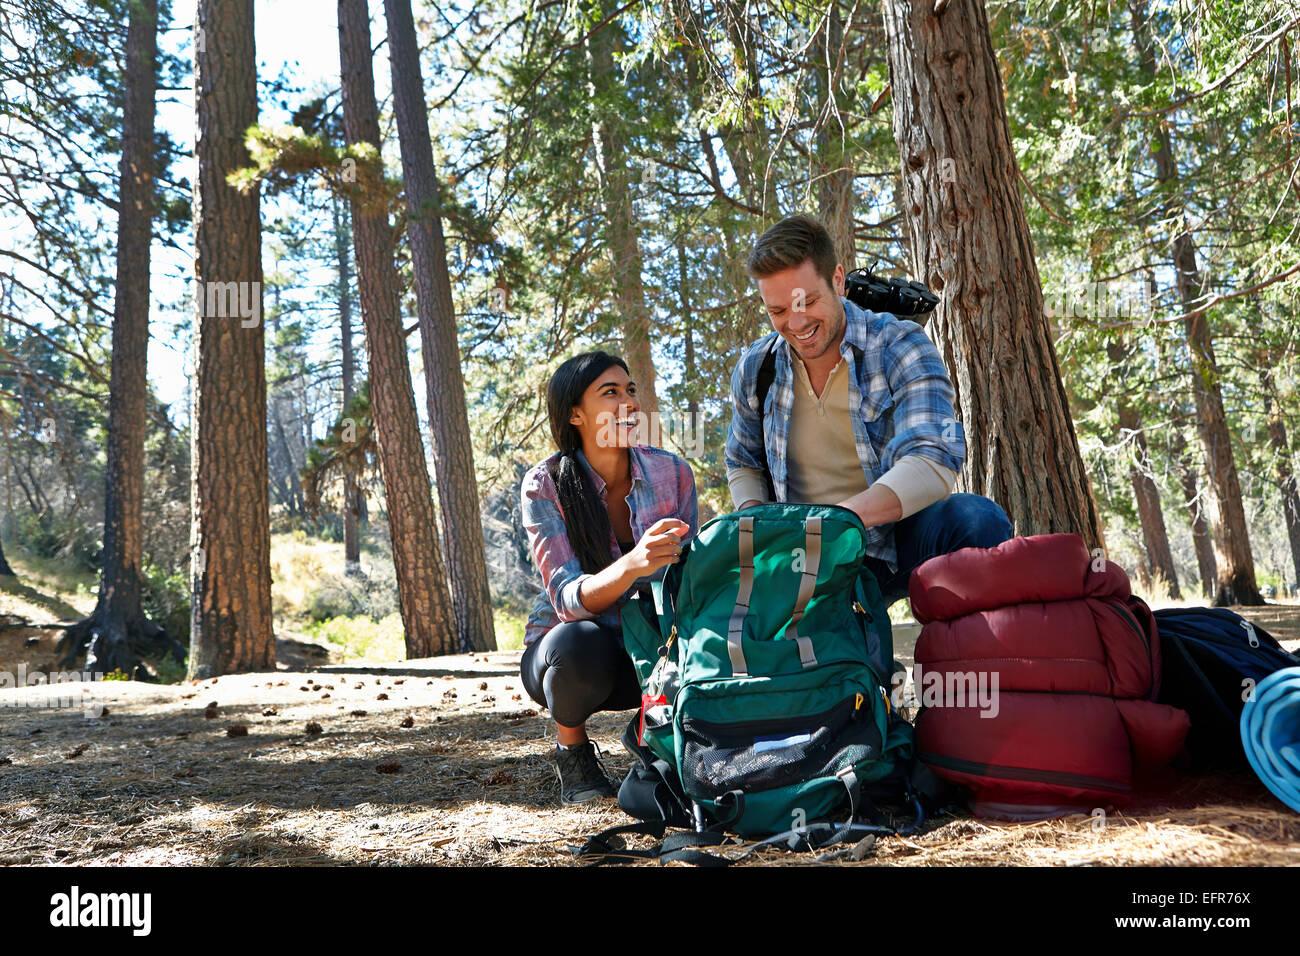 Coppia giovane disimballaggio camping zaino in foresta, Los Angeles, California, Stati Uniti d'America Immagini Stock